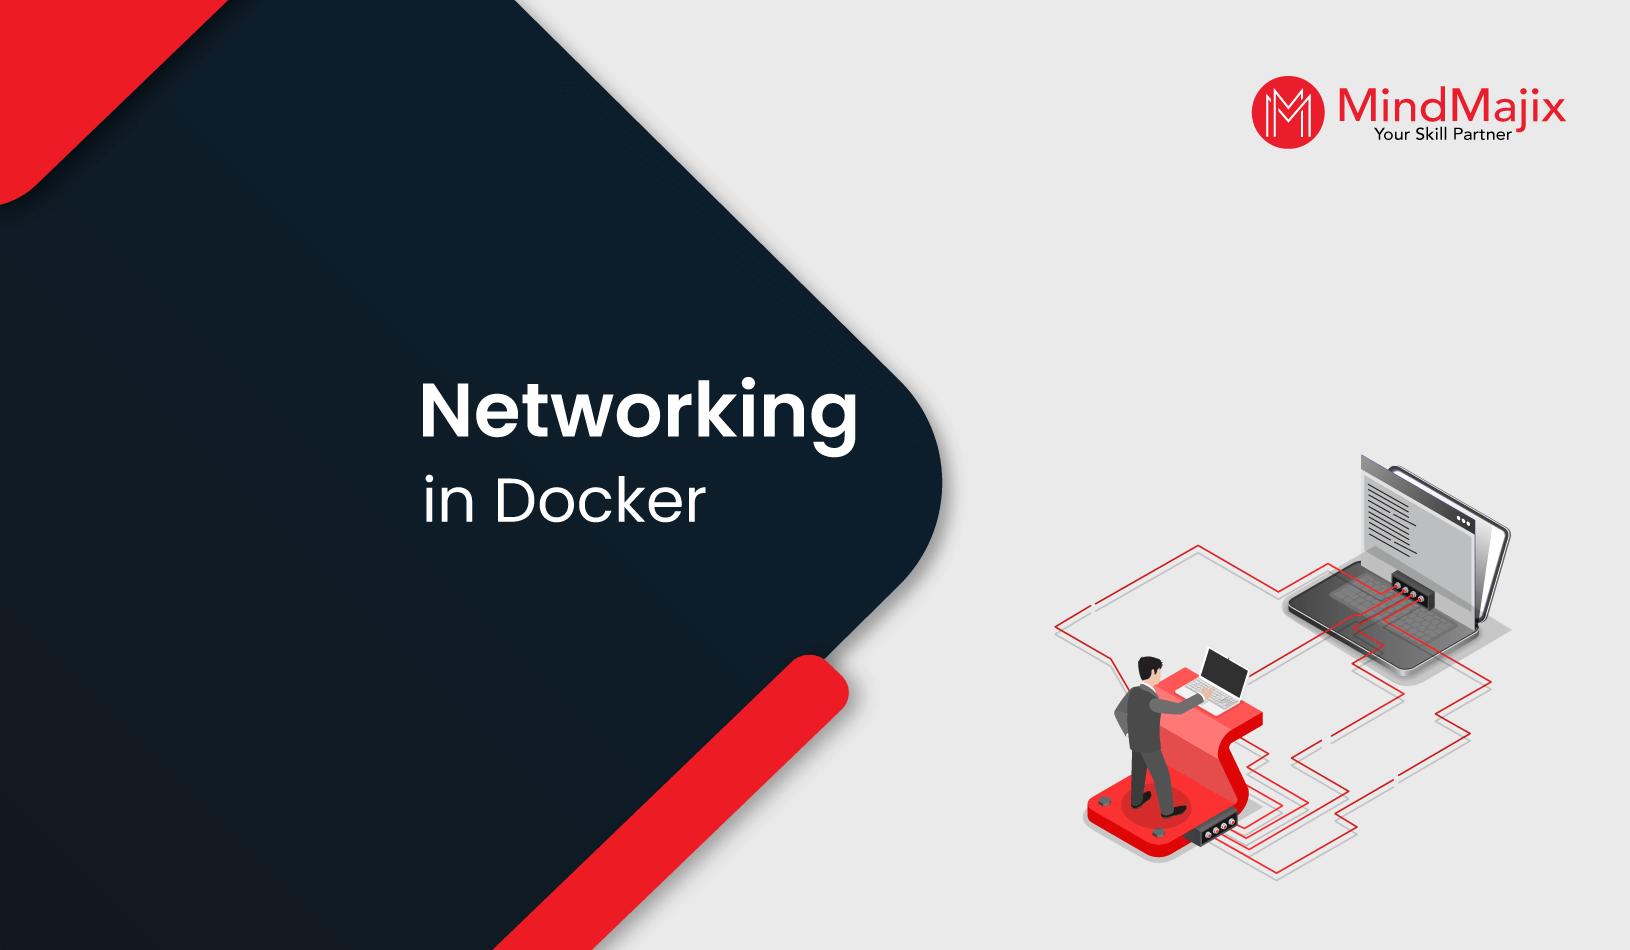 Networking in Docker